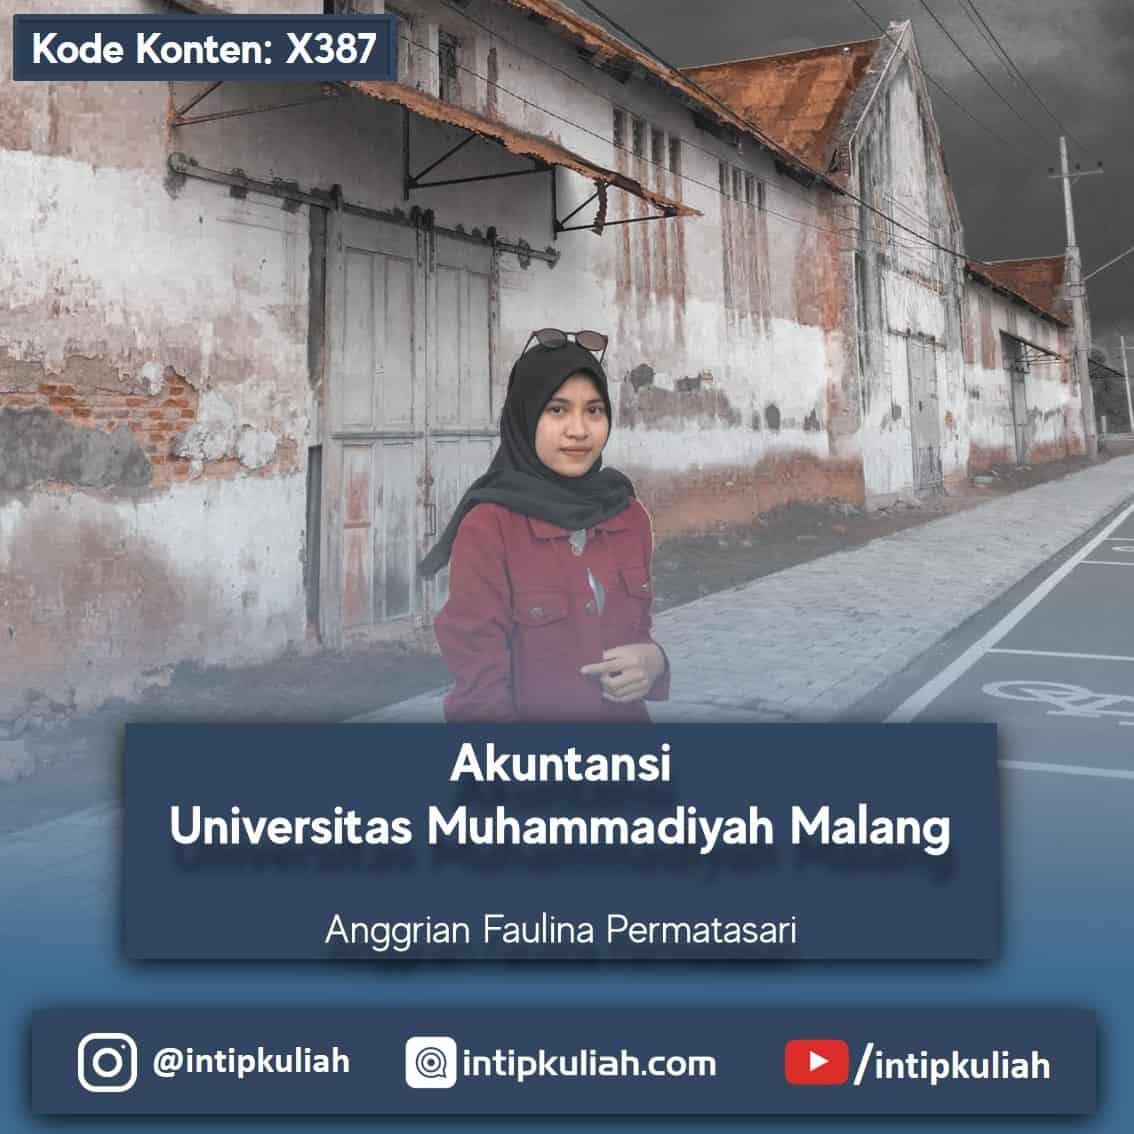 Akuntansi Universitas Muhammadiyah Malang (Anggrian)